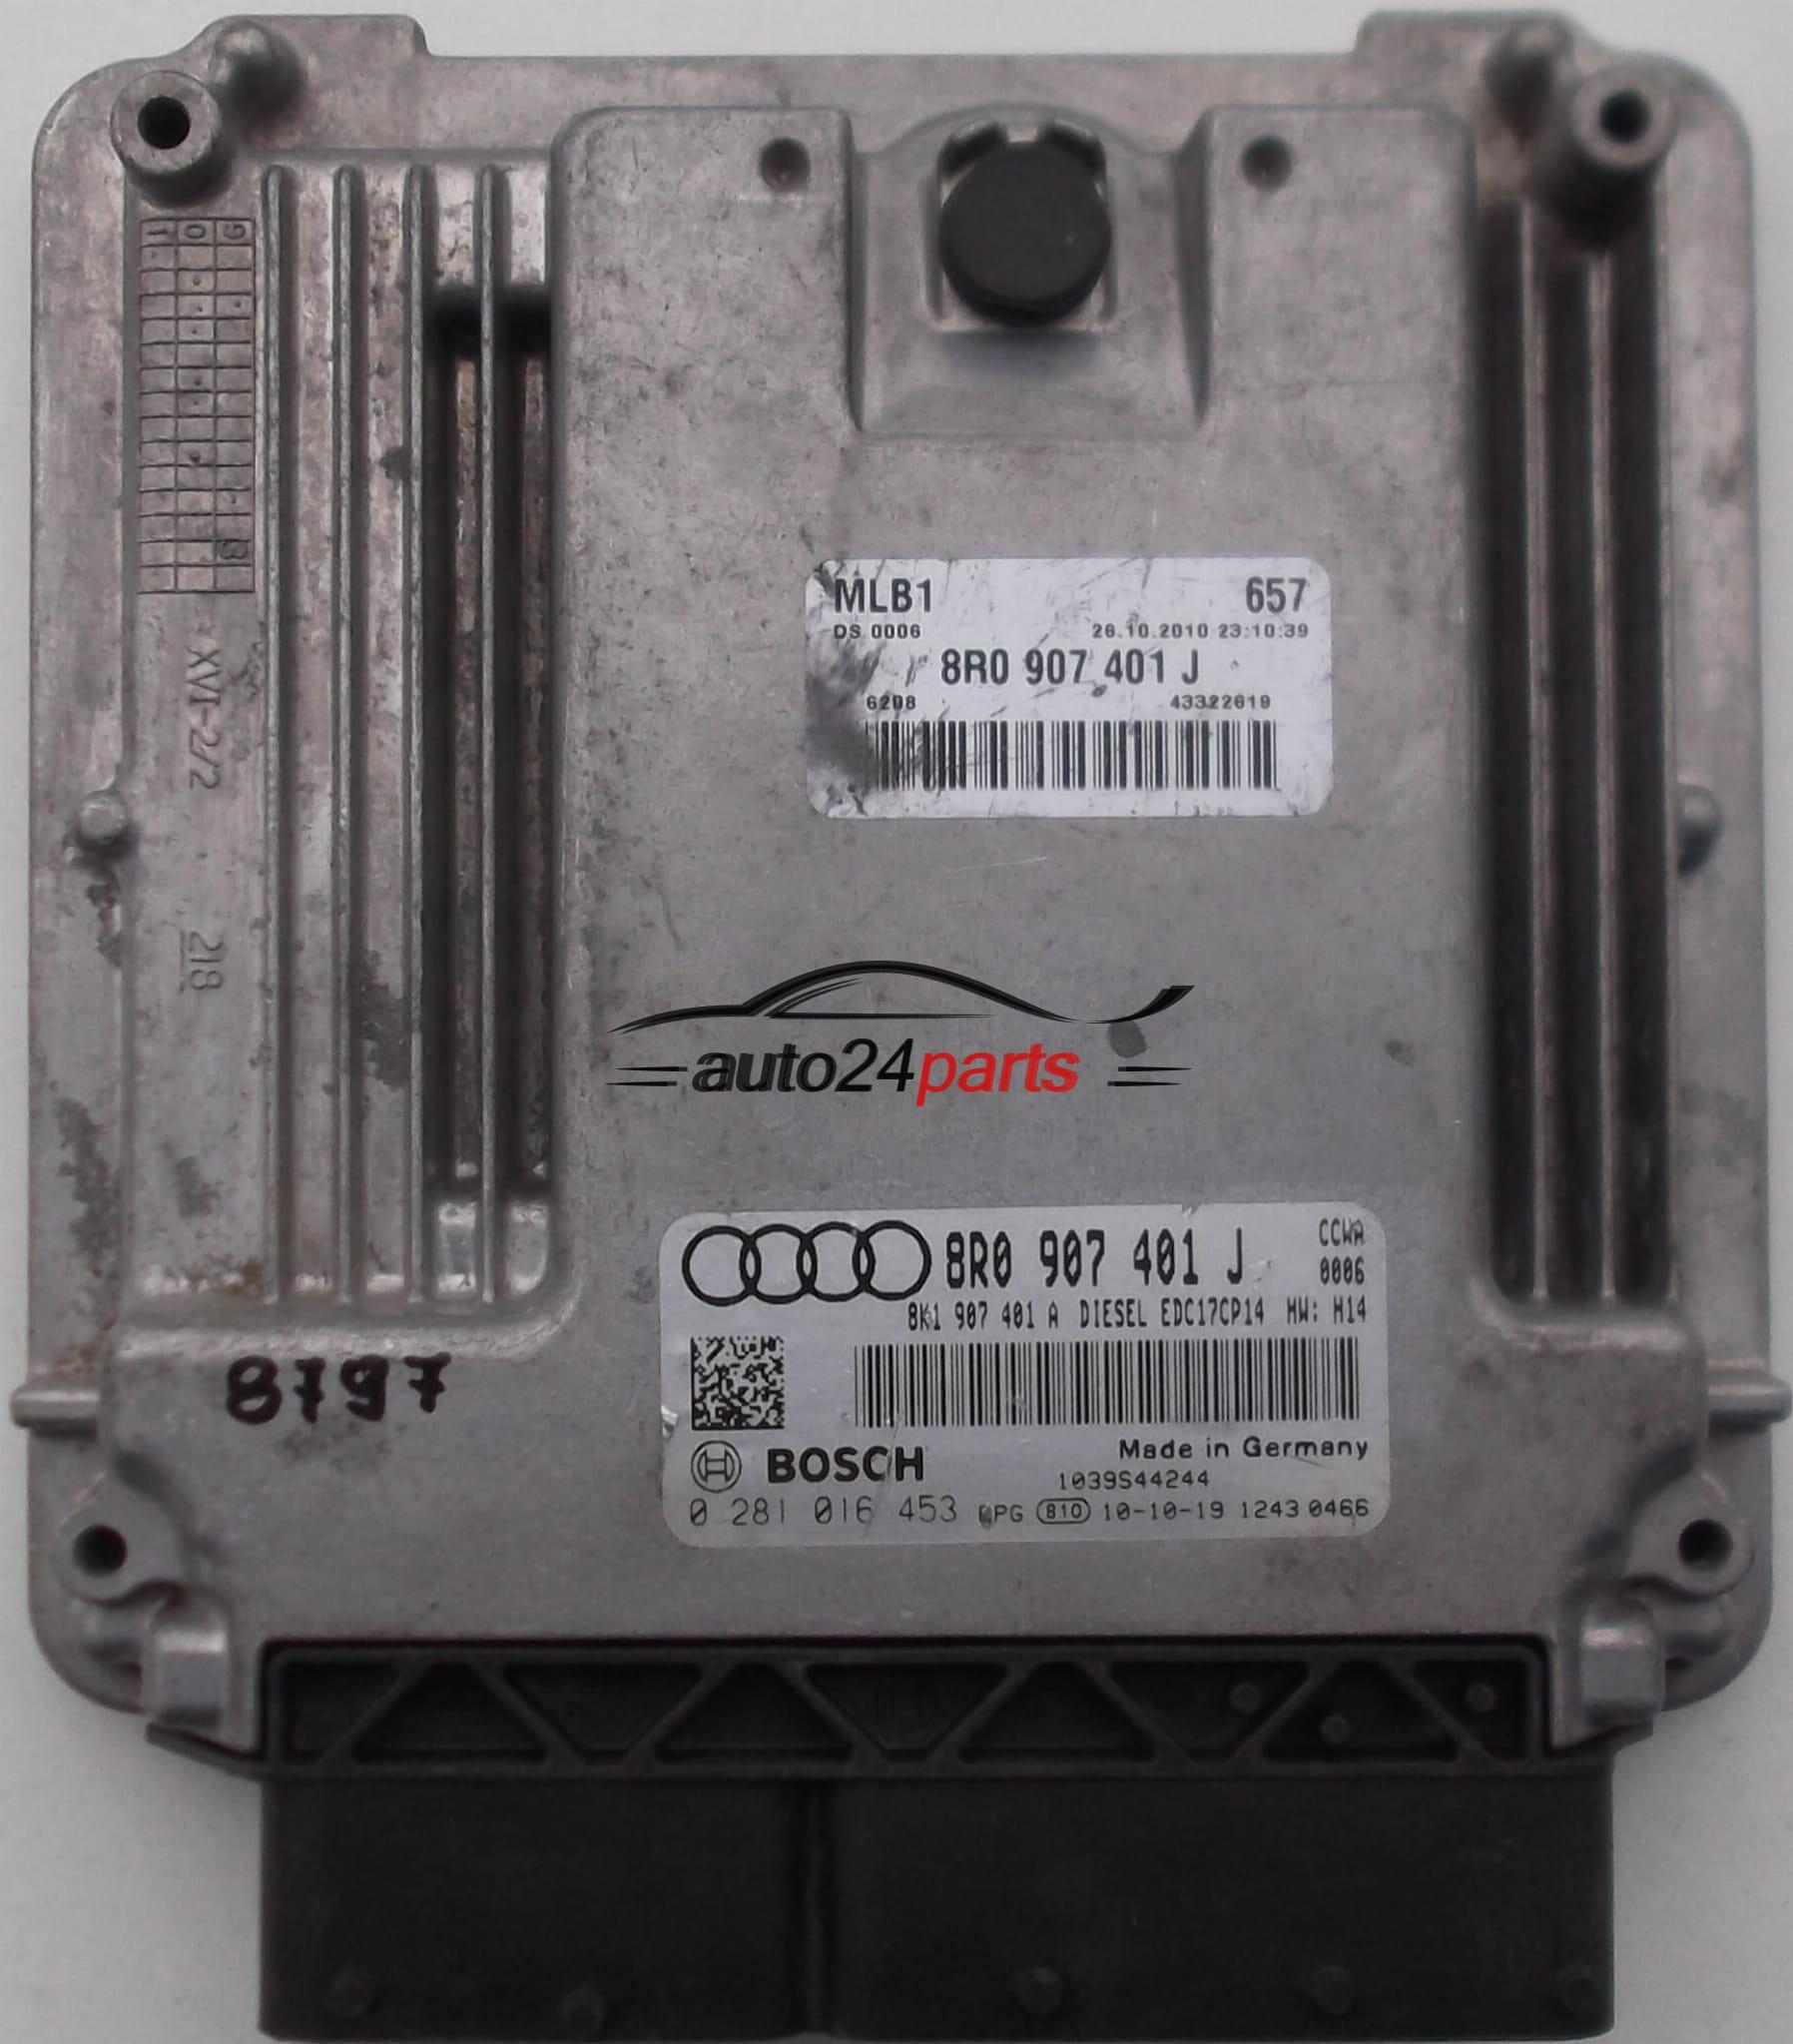 2011 Audi A4 Engine: ECU ENGINE CONTROLLER AUDI A4 A5 3.0 TDI BOSCH 0 281 016